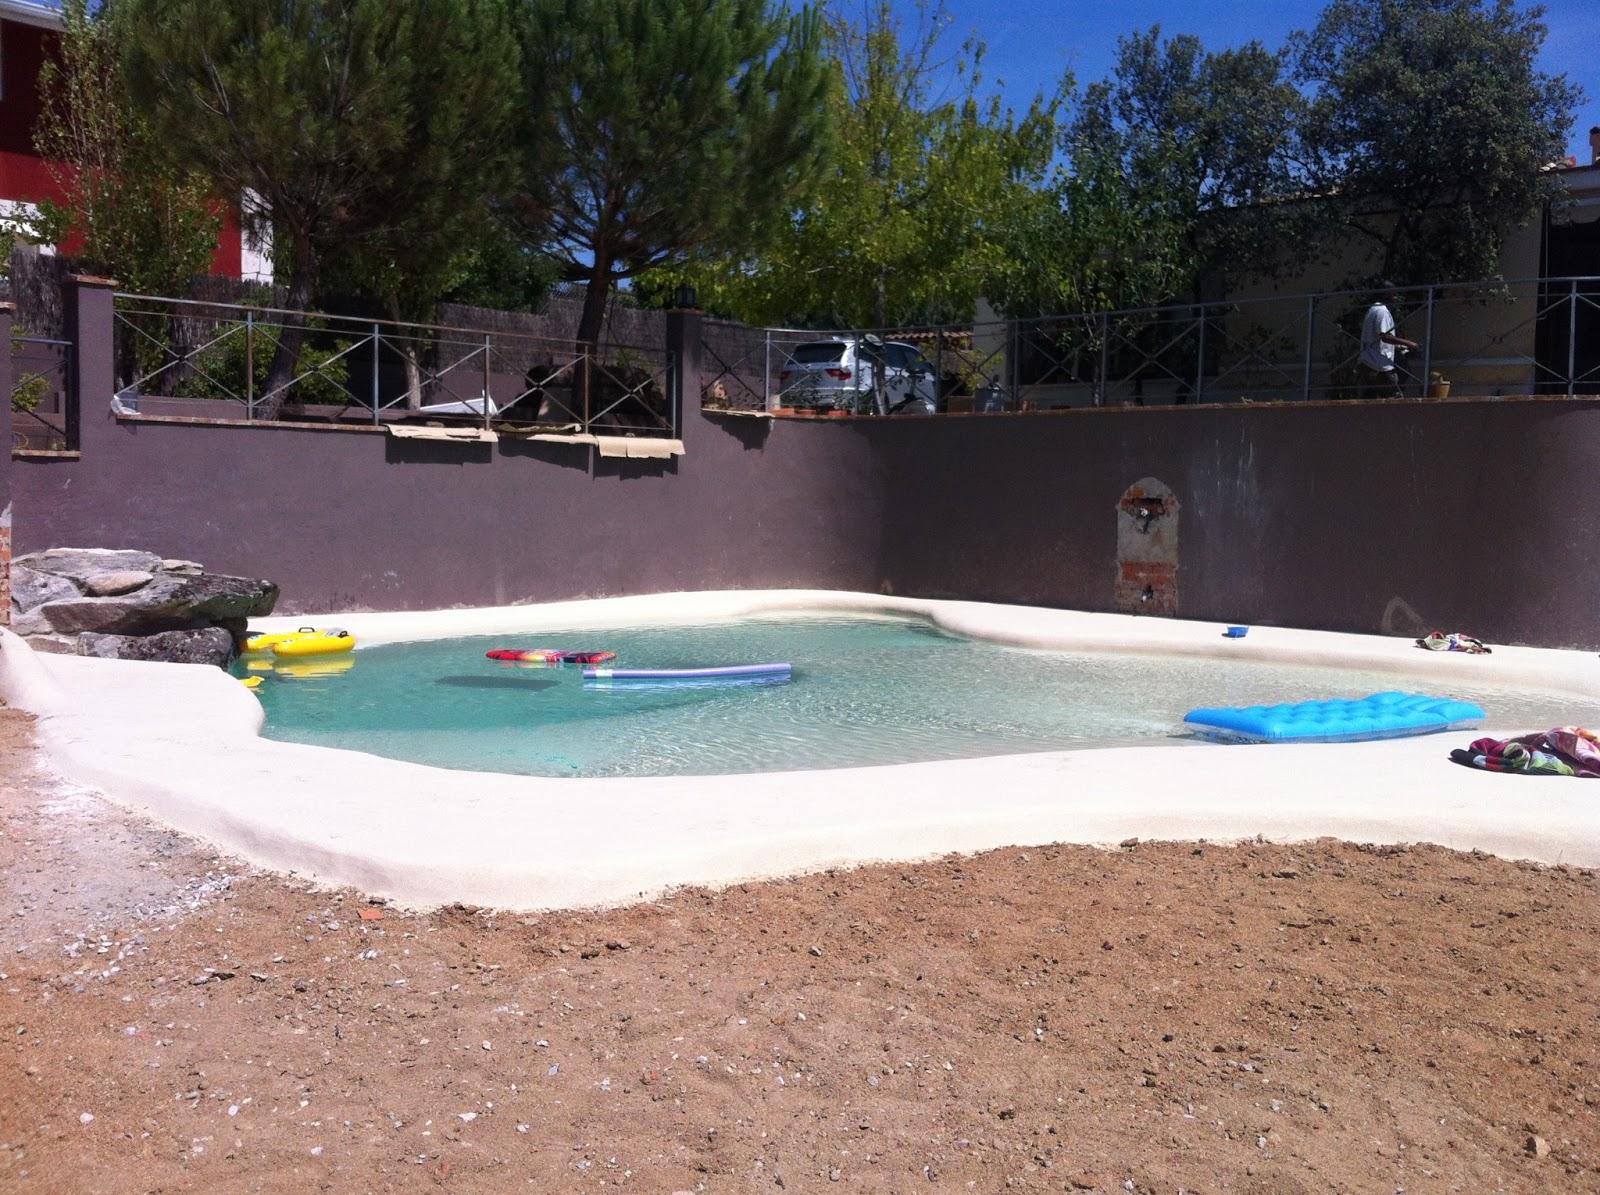 Reformas hometrader construcci n de piscina de arena for Piscina de arena construccion